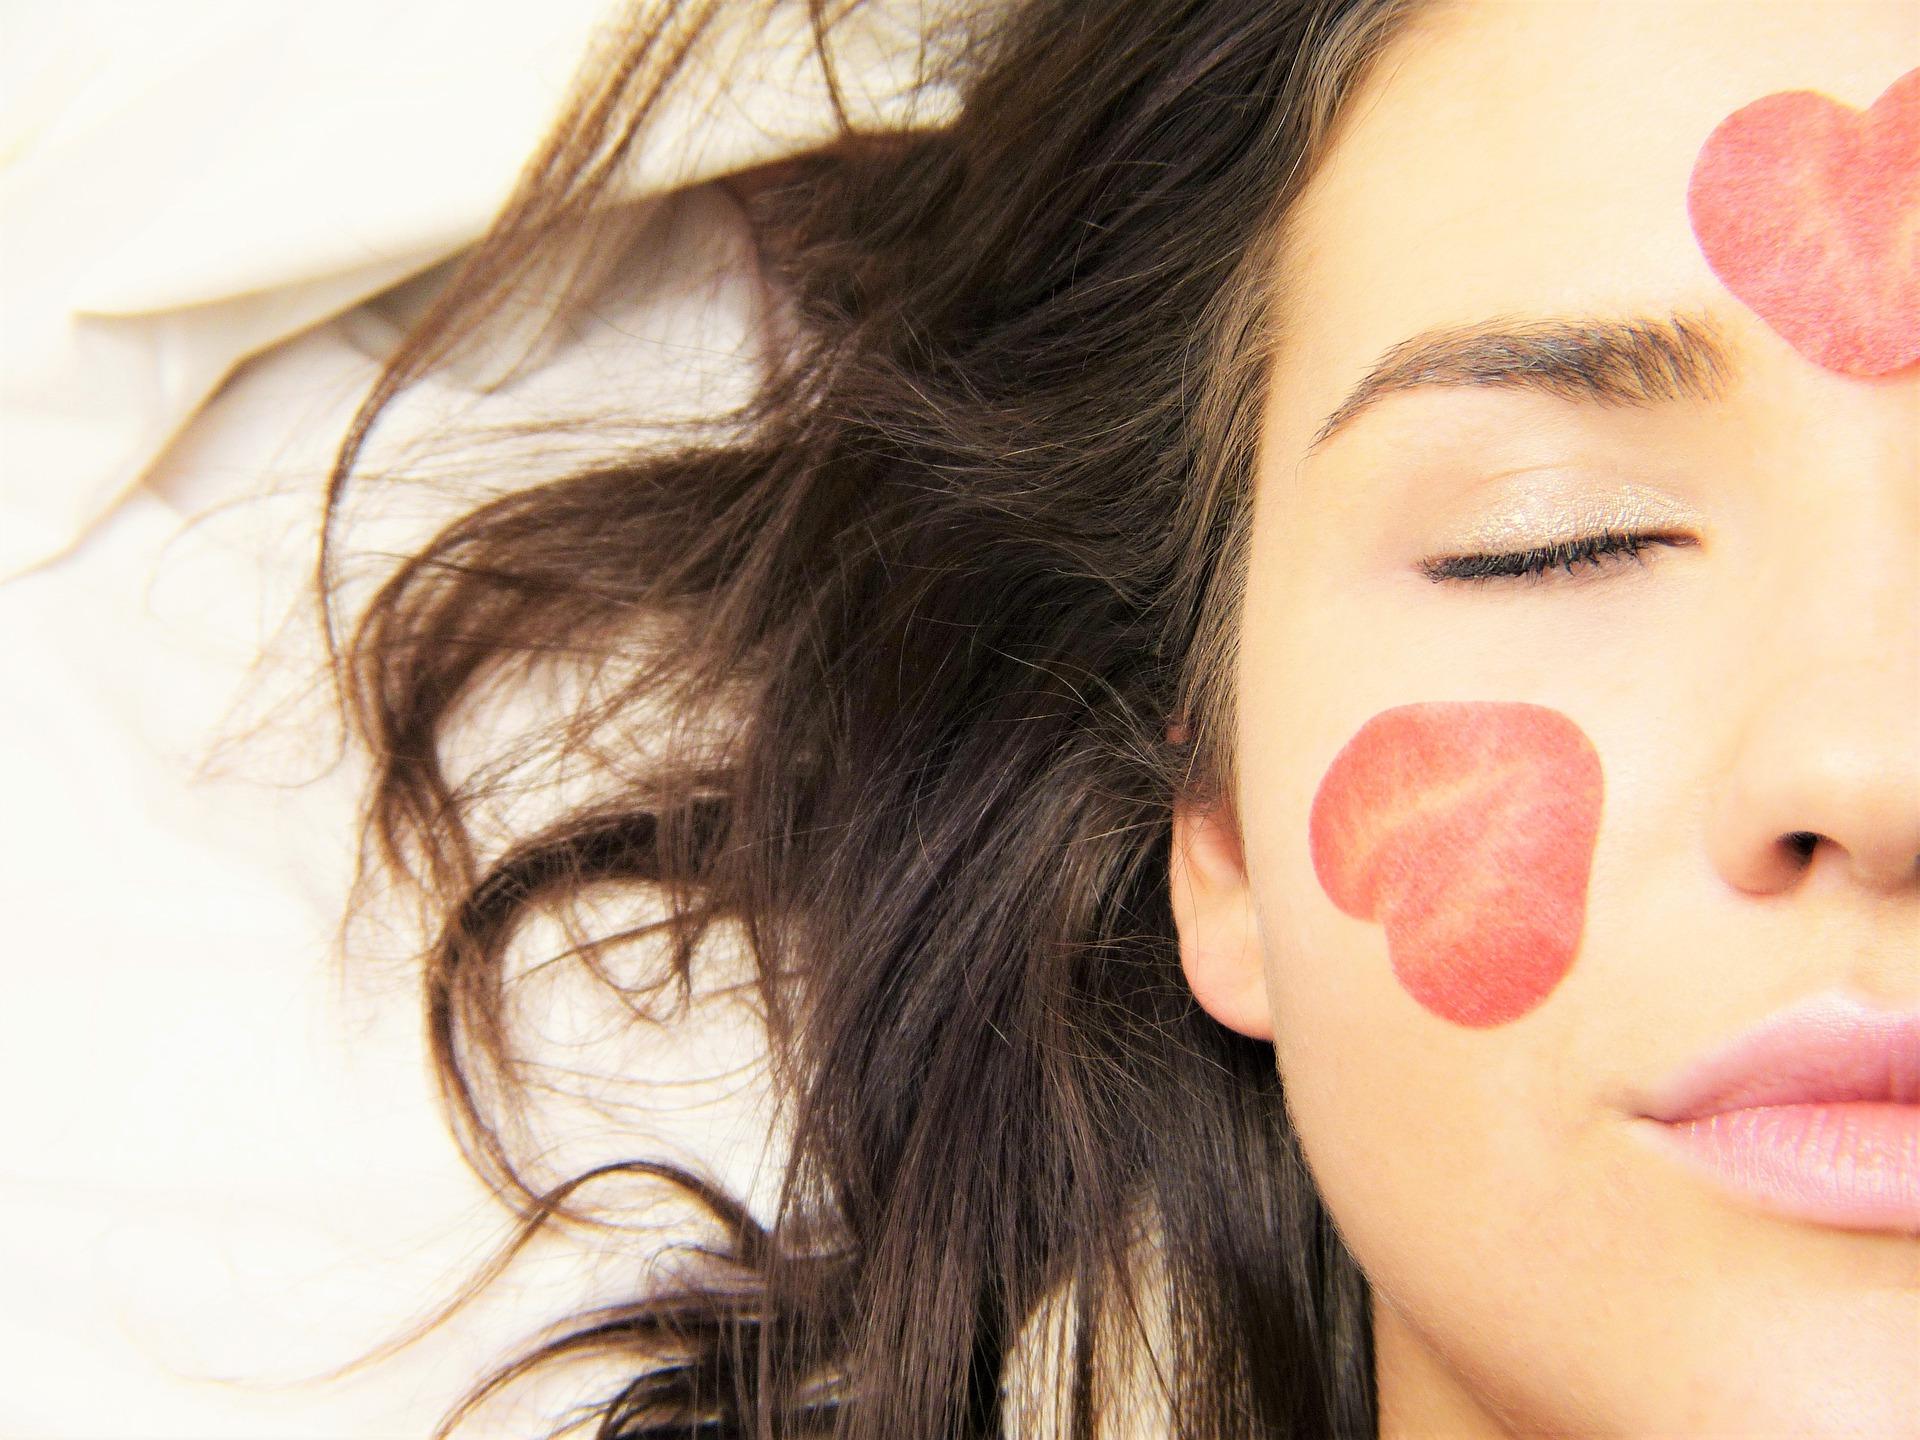 Comment prendre soin de mon visage pour lutter contre les effets du temps ?